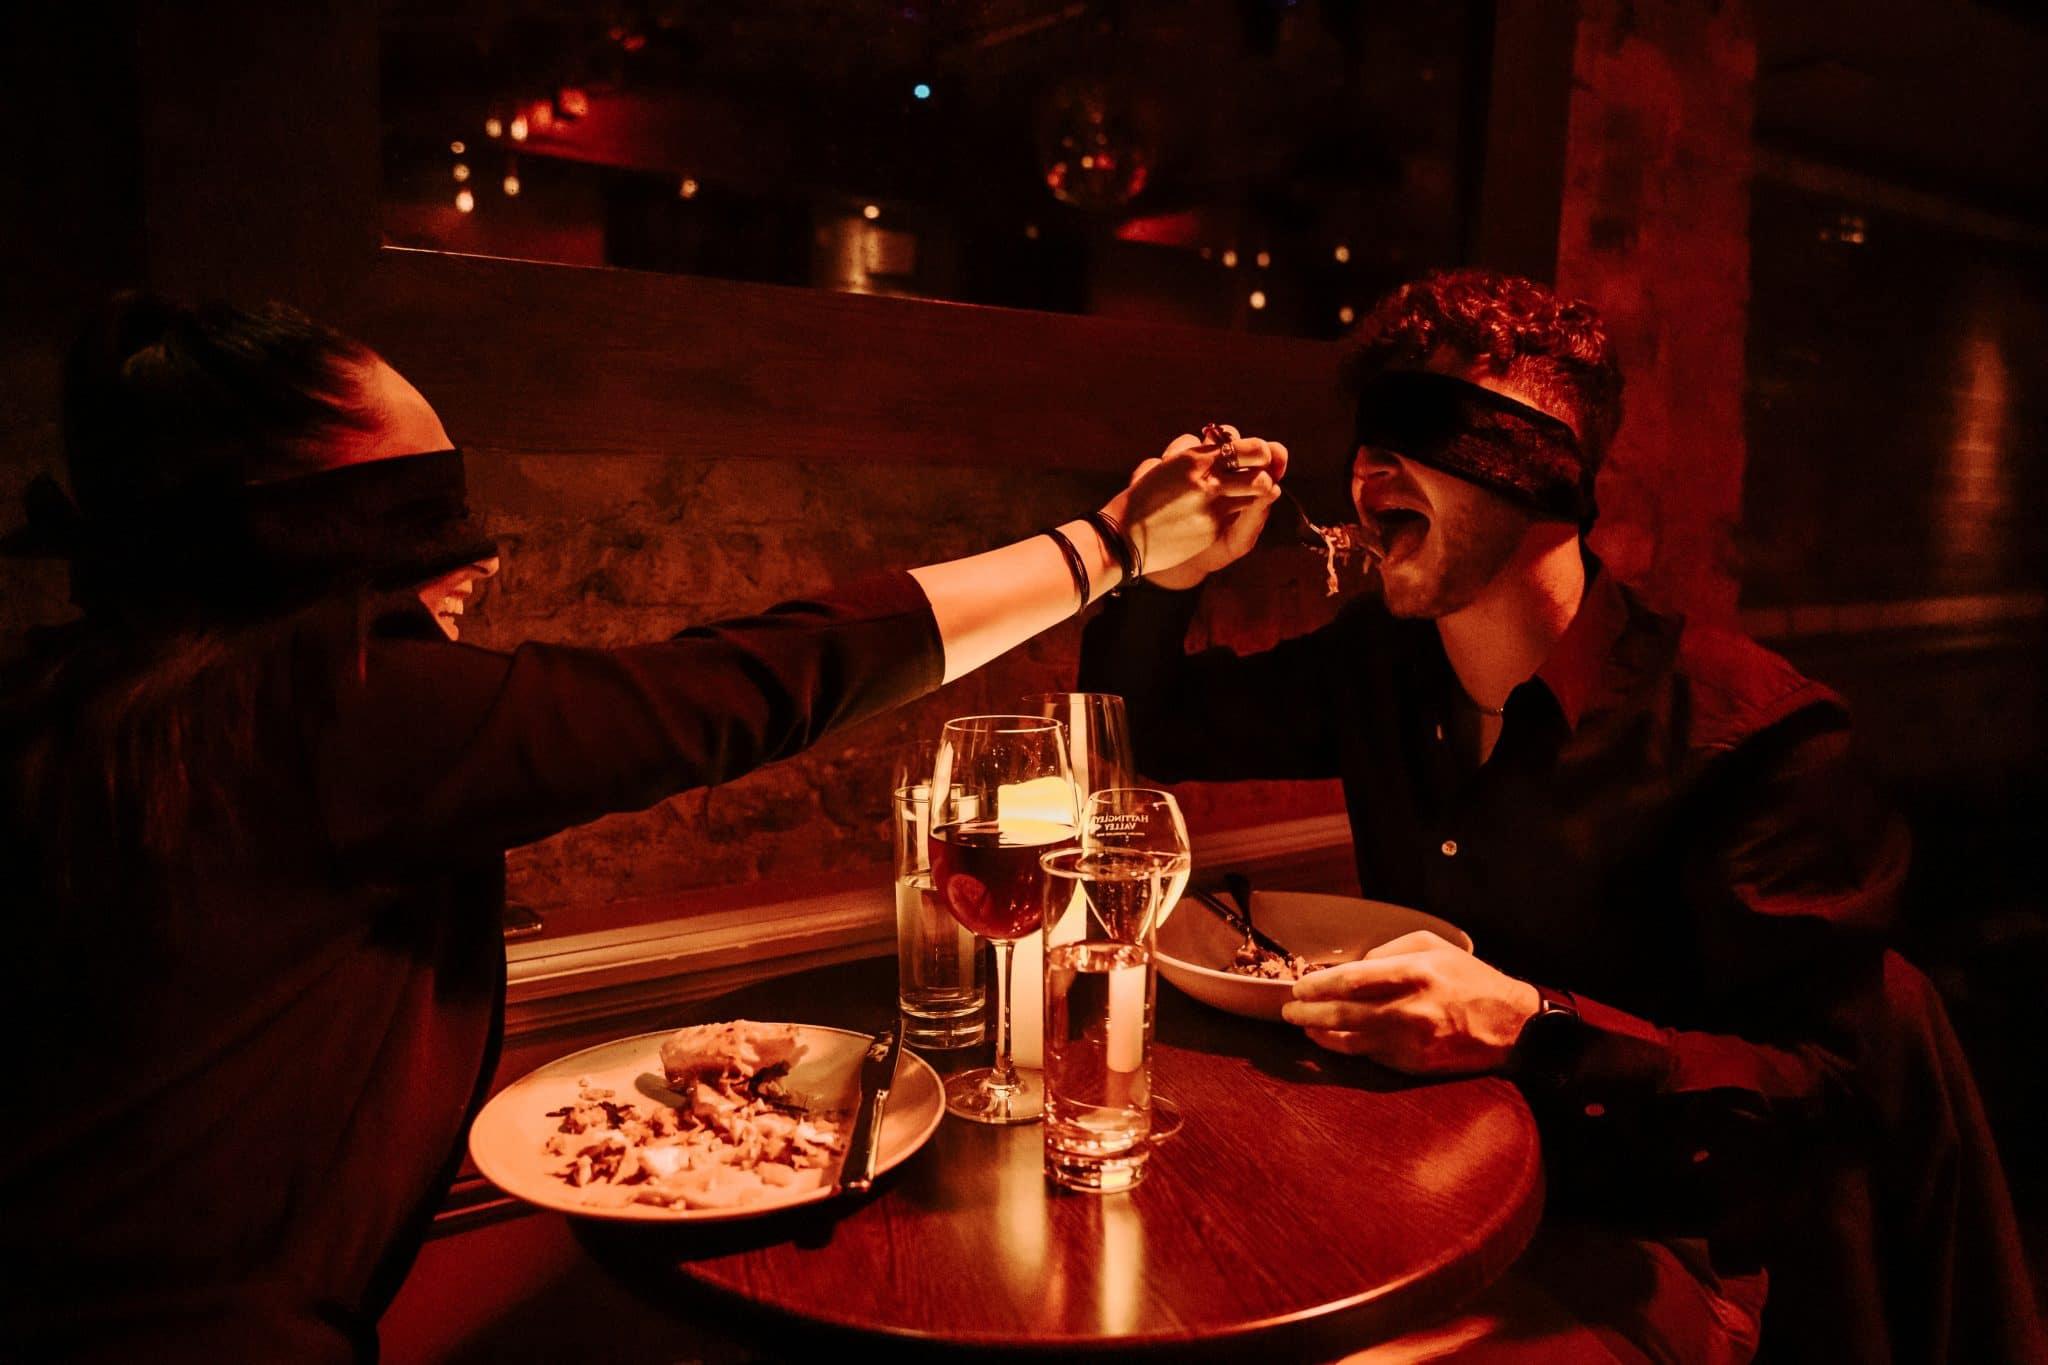 dining in the dark marseille diner à l'aveugle les yeux bandés restaurant insolite dans le noir